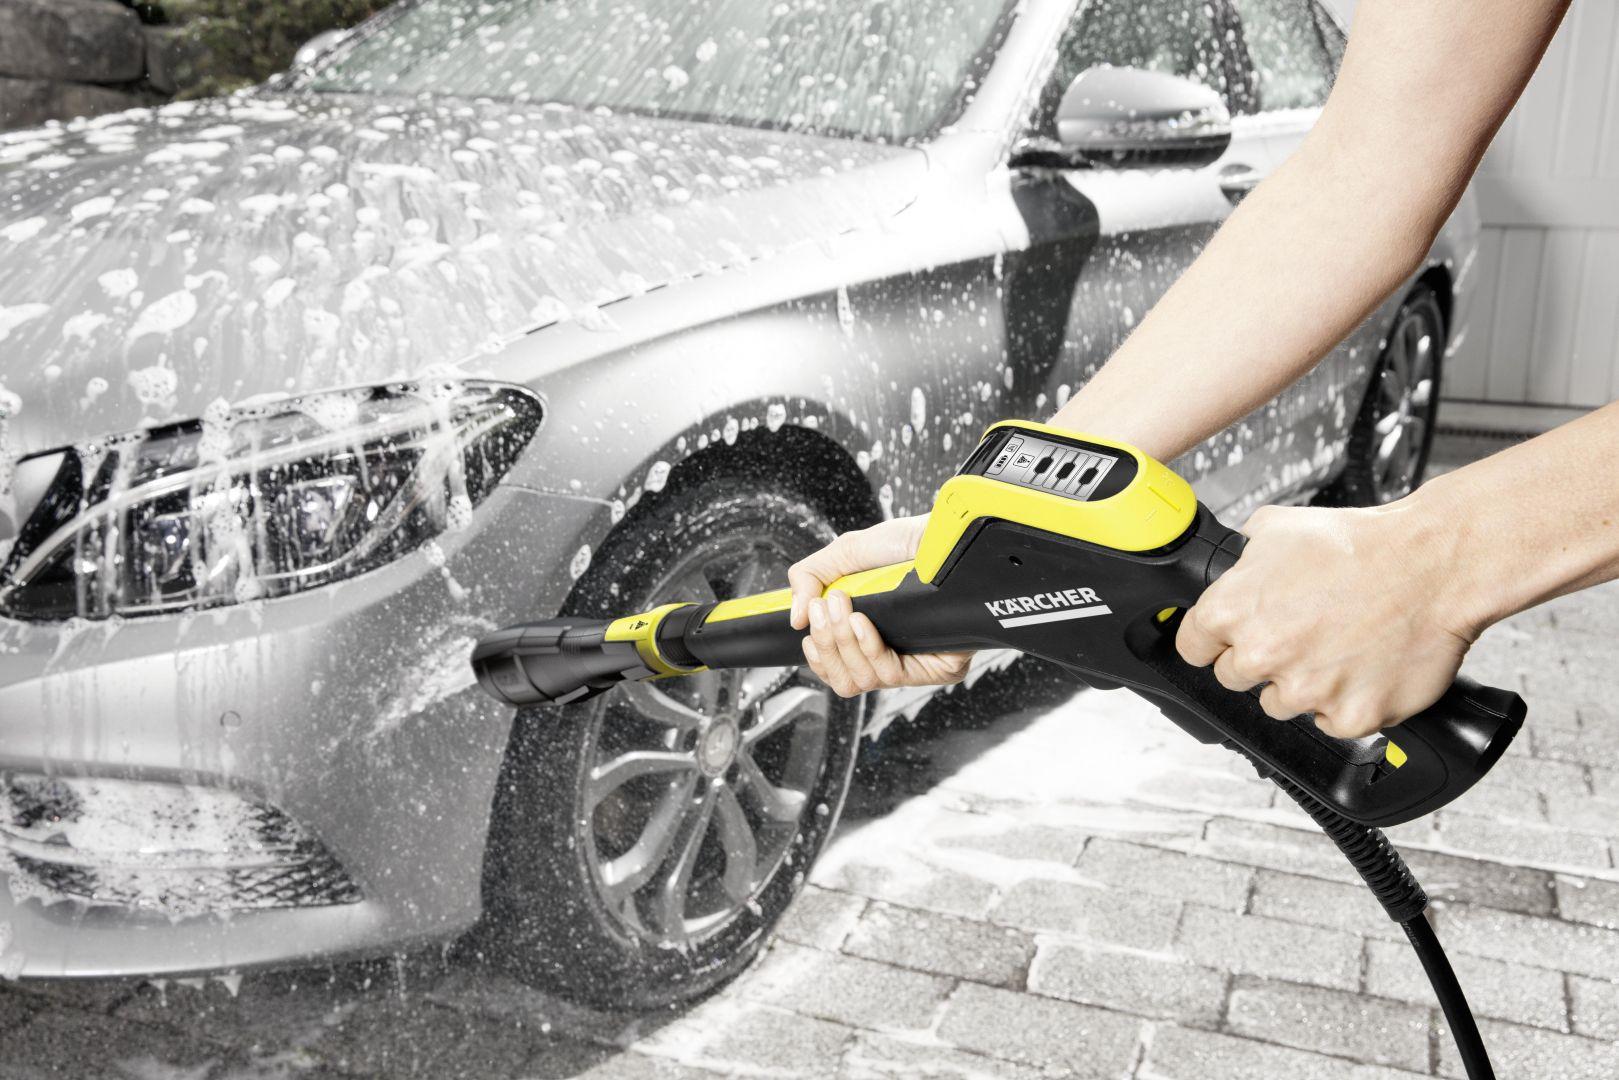 W przypadku okazjonalnego korzystania z urządzeń wysokociśnieniowych, czyszczenia niewielkich obiektów: narzędzi, roweru czy do typowego mycia samochodu osobowego, odpowiednim rozwiązaniem jest zastosowanie modelu w klasie wydajności od K2 do K4. Fot. Kärcher